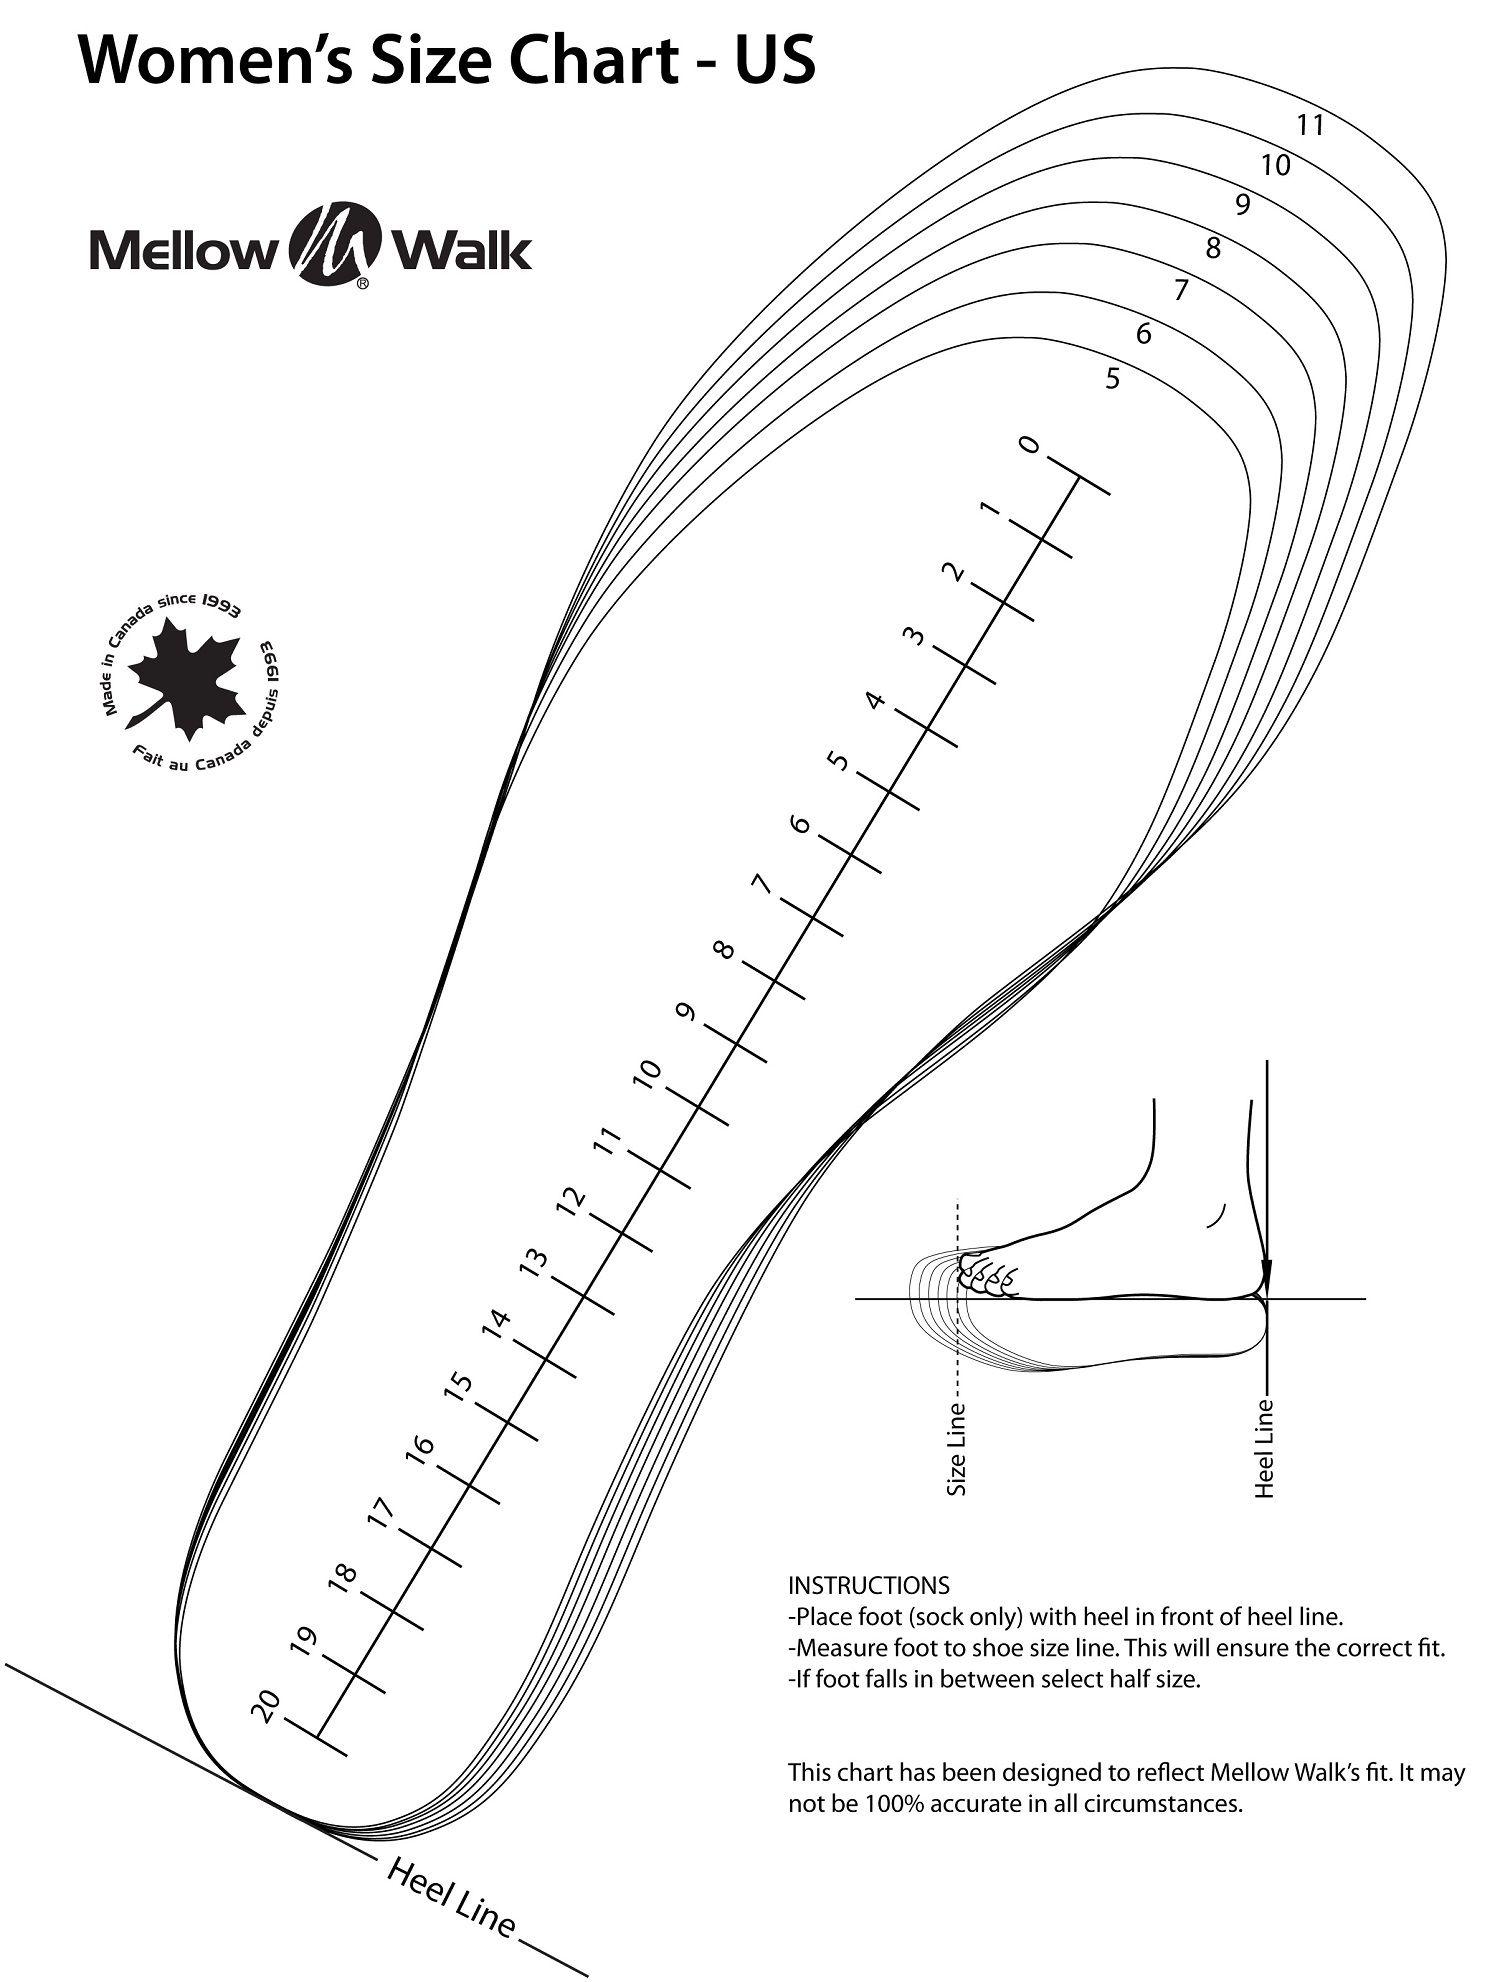 Pin By Kiaama Spearman On Shoe Size Chart